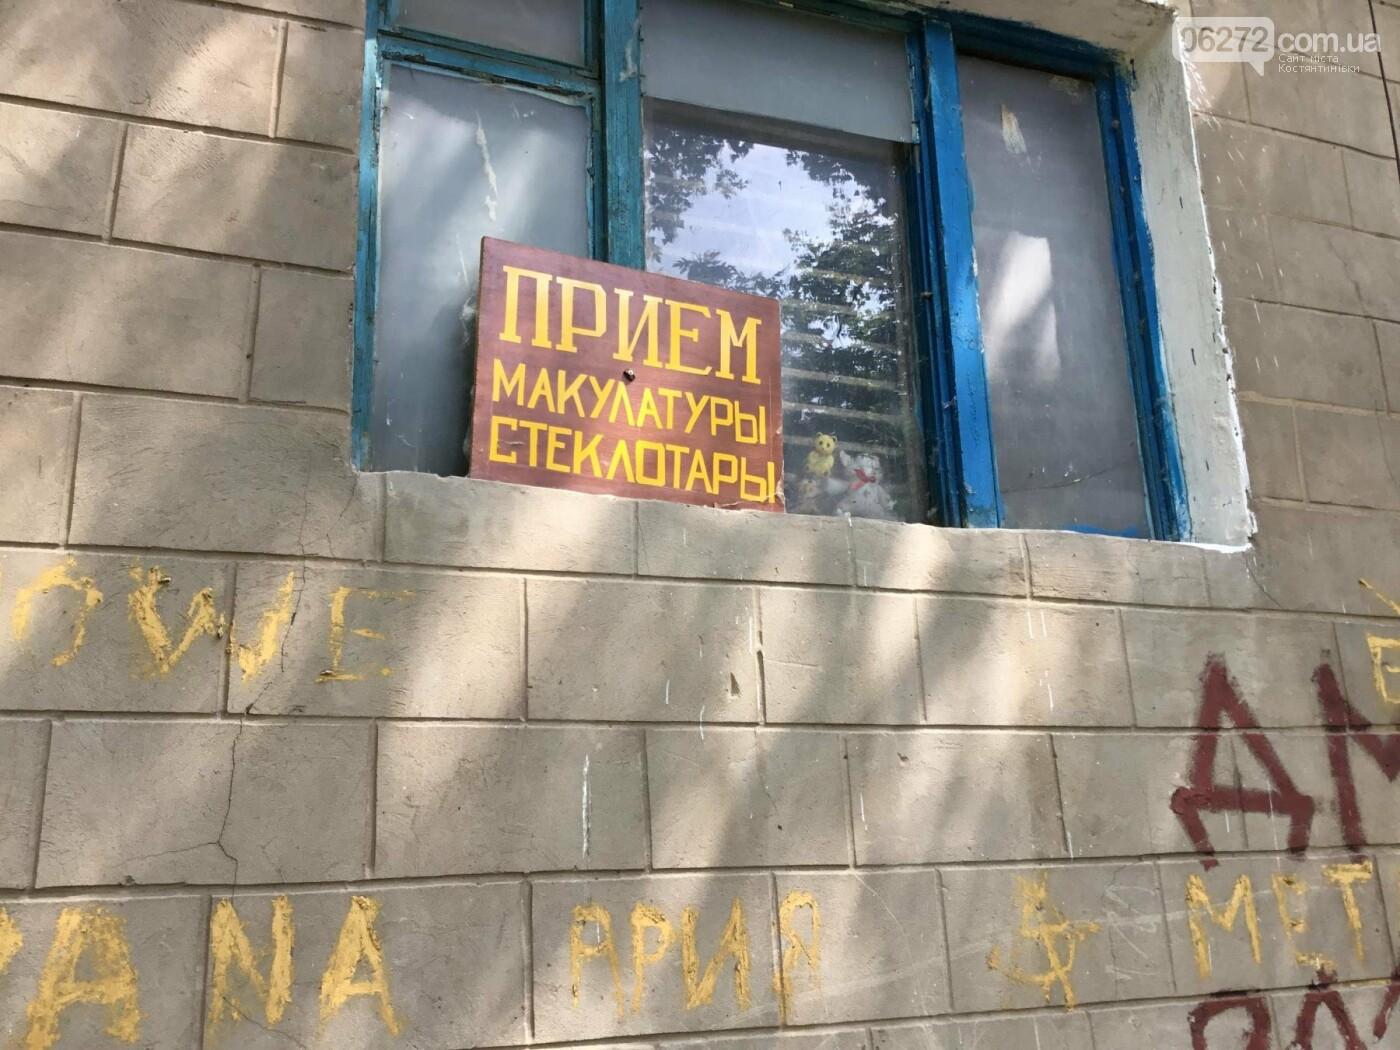 Жители Константиновской многоэтажки против пункта приема вторсырья в их доме, фото-3